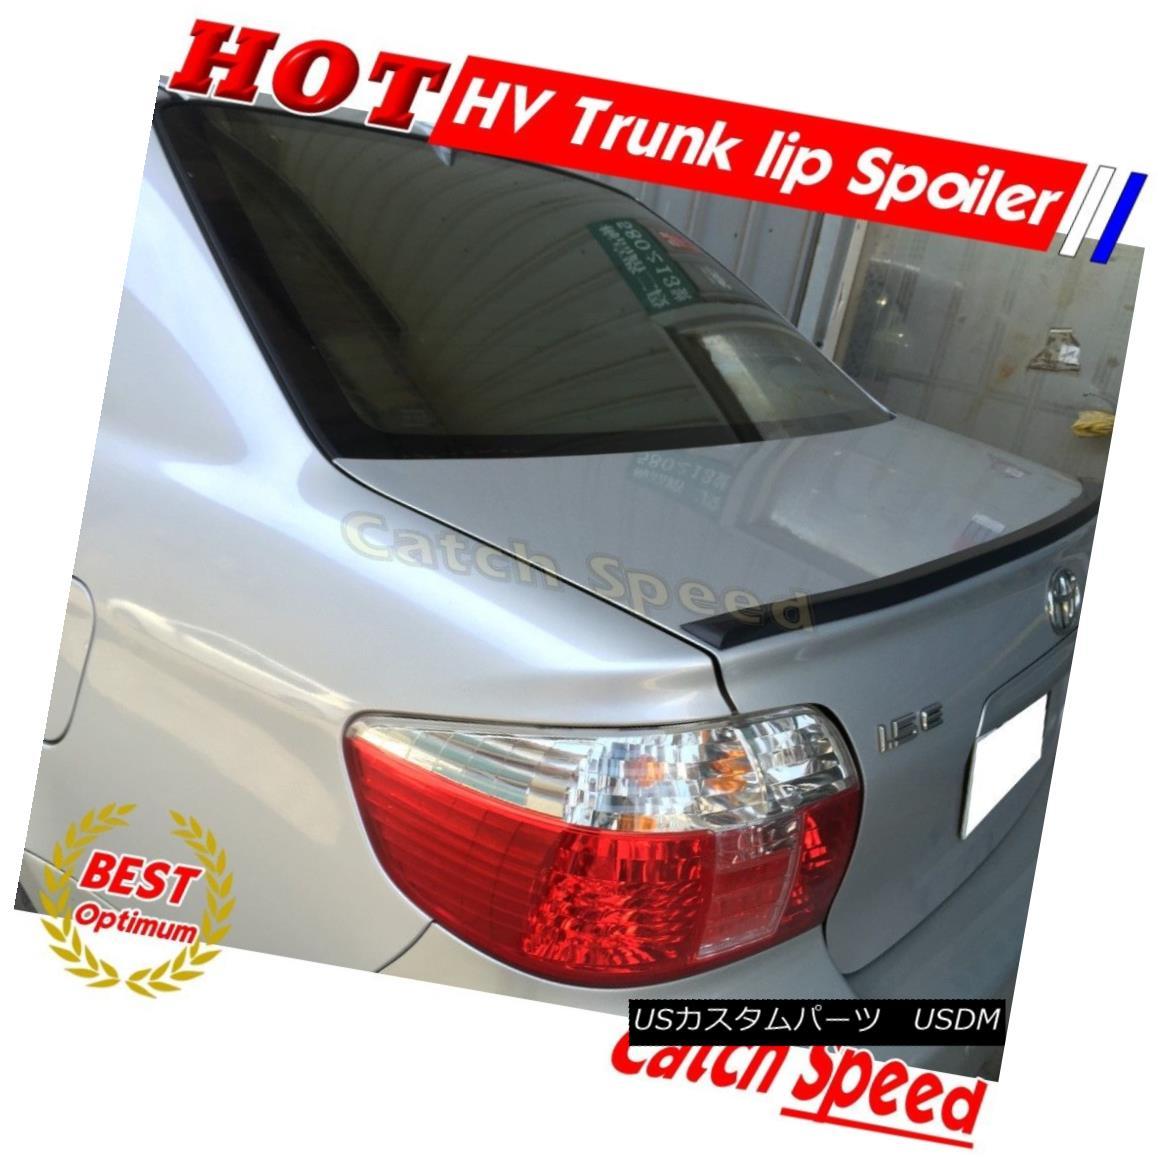 エアロパーツ Painted HV Type Rear Boot Trunk Lip Spoiler Wing For Acura CL 2001 02 03 Coupe ? 塗装HVタイプリアブーツトランクリップスポイラーウイングアキュラCL 2001 02 03クーペ?